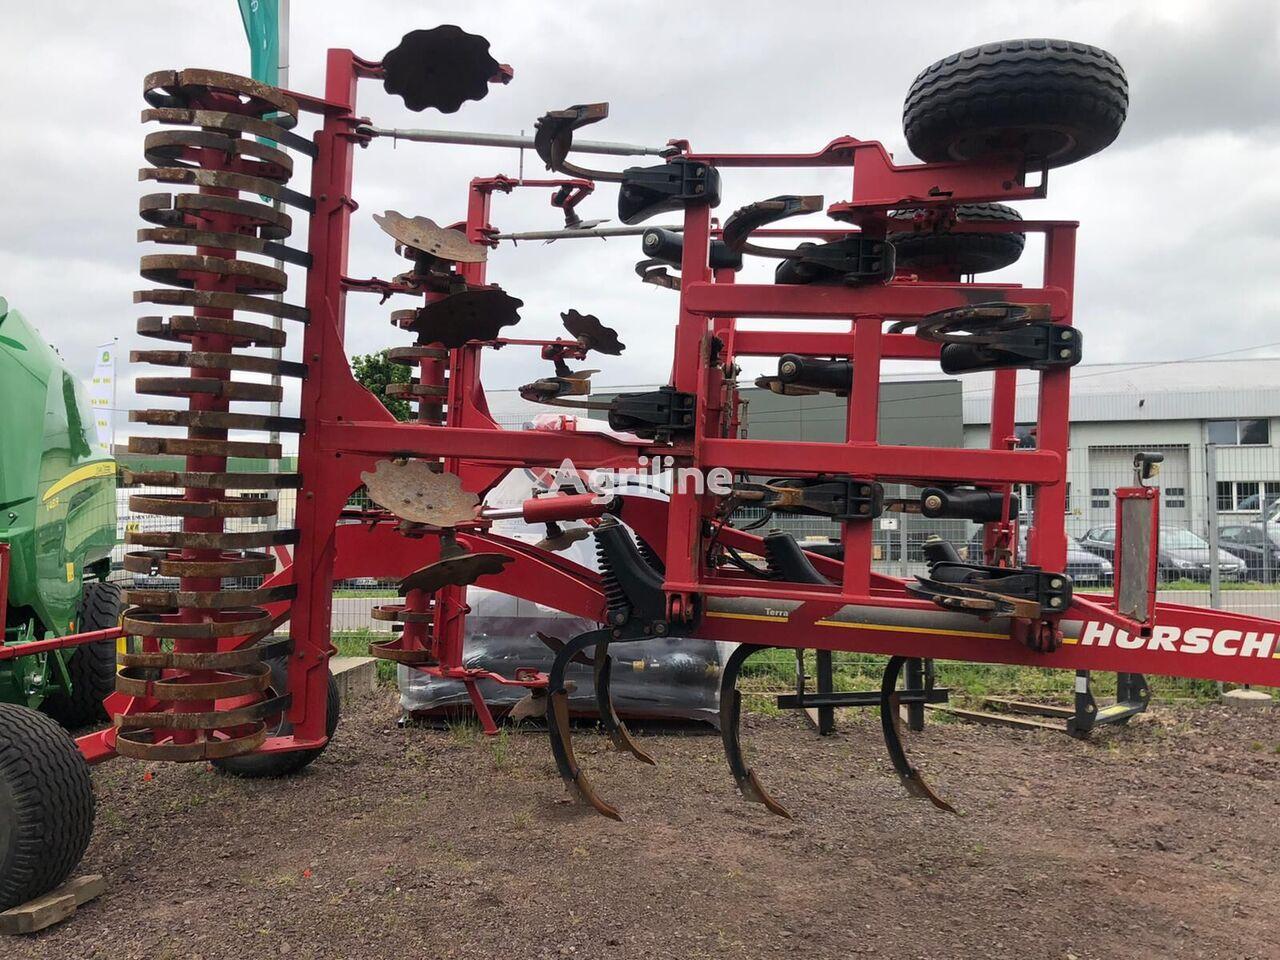 HORSCH Terrano FX cultivador